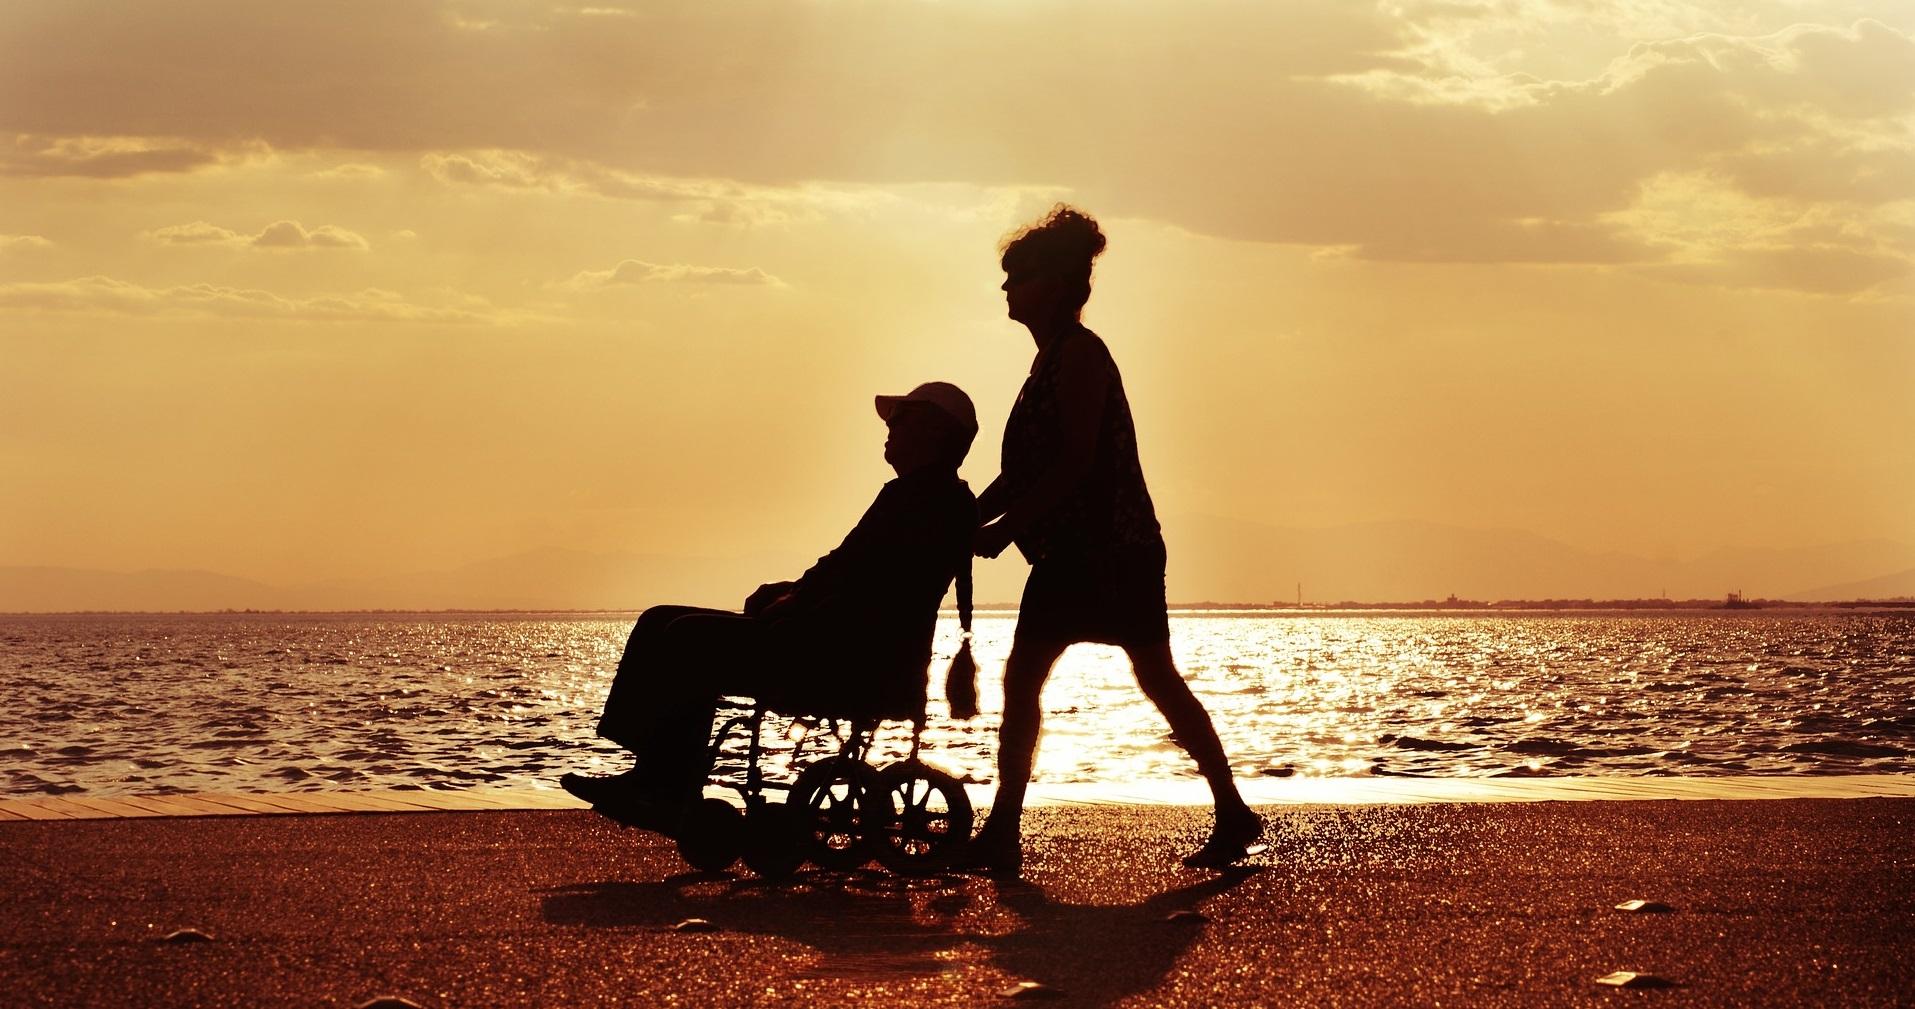 Podpora pri terapiji multiple skleroze